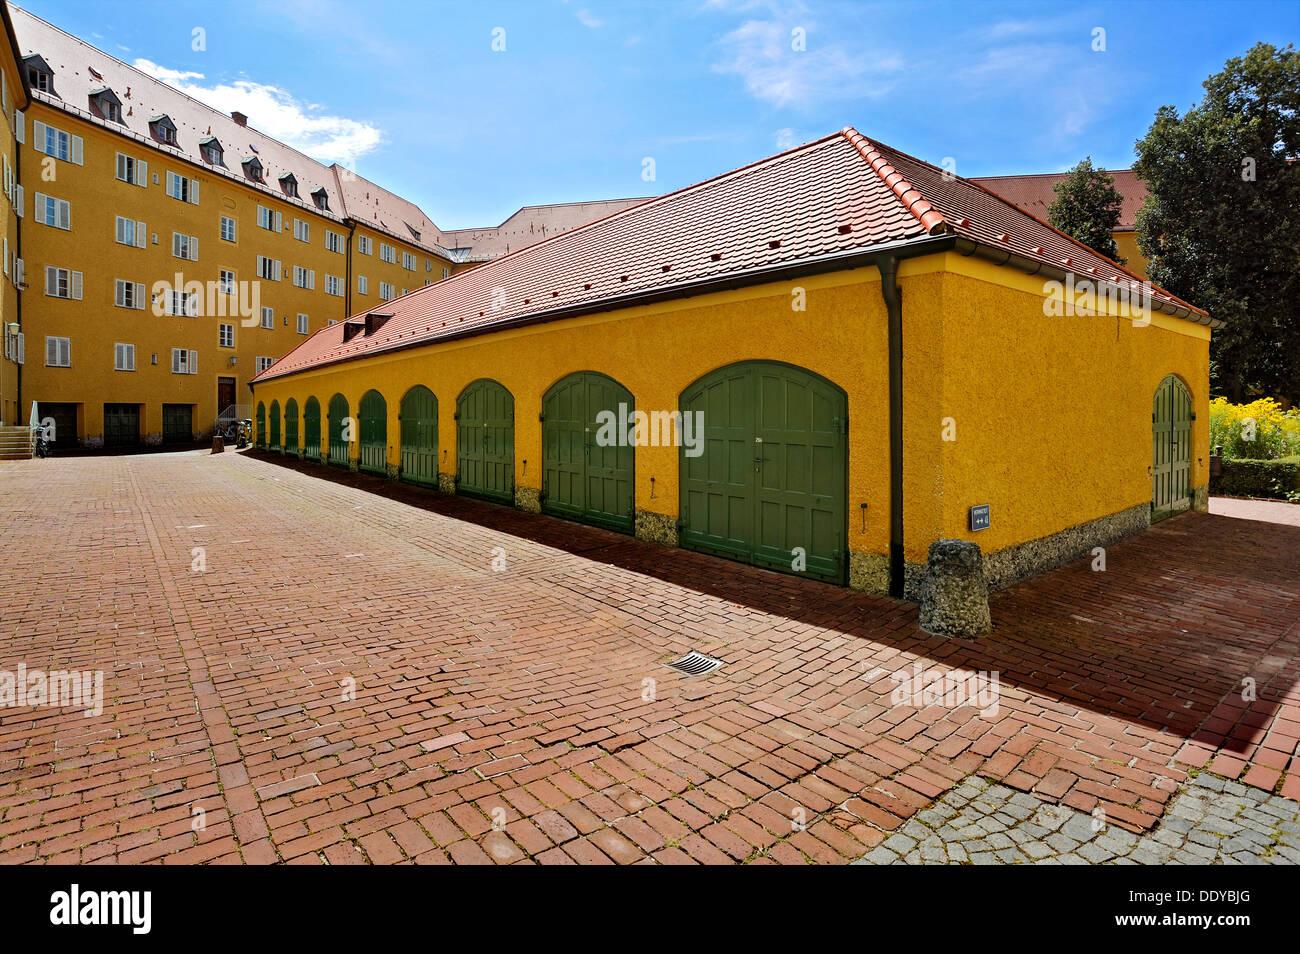 Garages e porte per garage in Borstei, un patrimonio protected area residenziale nel quartiere di Moosach, Monaco di Baviera Immagini Stock